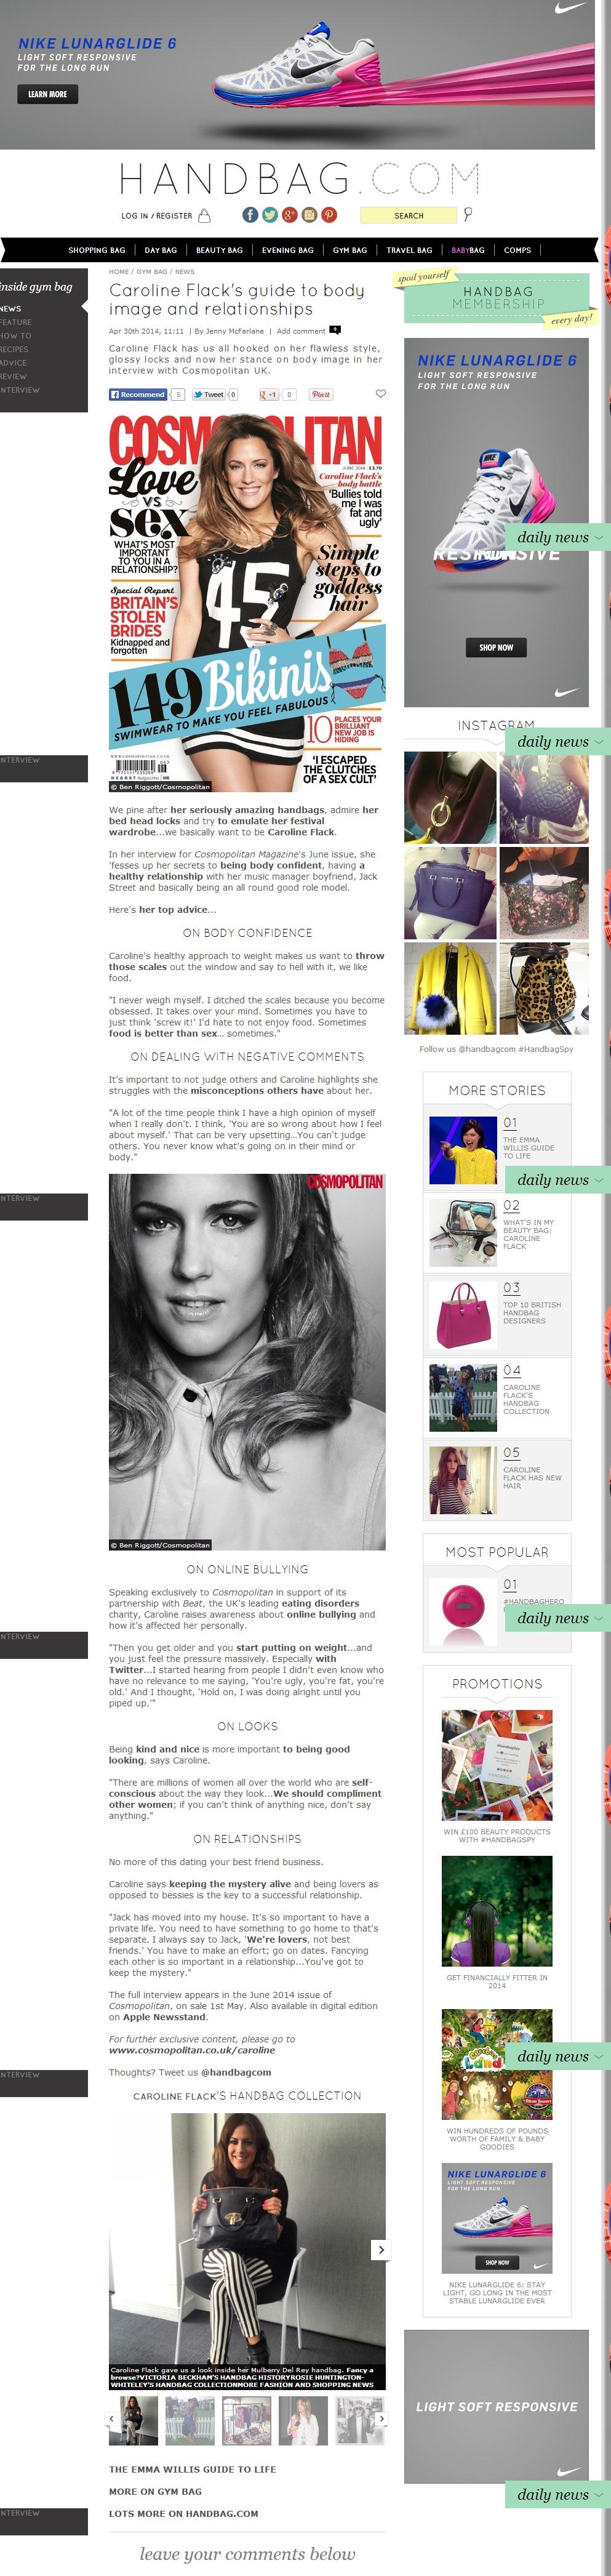 screencapture-www-handbag-com-gym-bag-news-a567756-caroline-flacks-guide-to-body-image-and-relationships-html